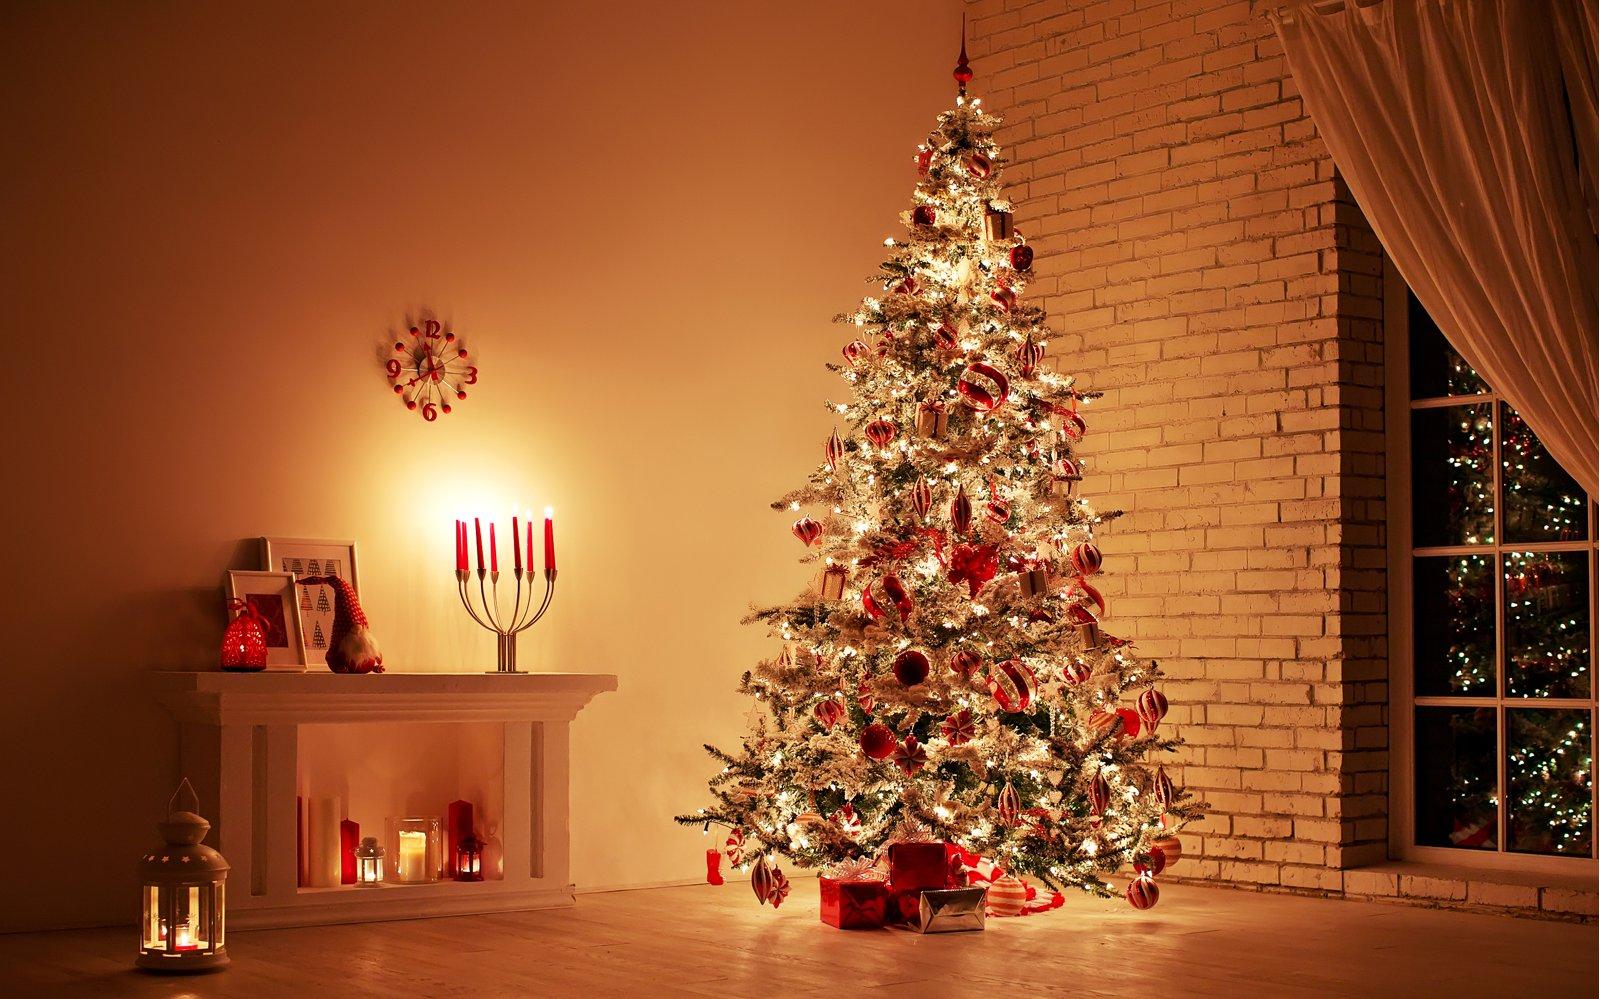 Addobbi Albero Natale.Giocare Con Stile Come Addobbare L Albero Di Natale Ville Casali